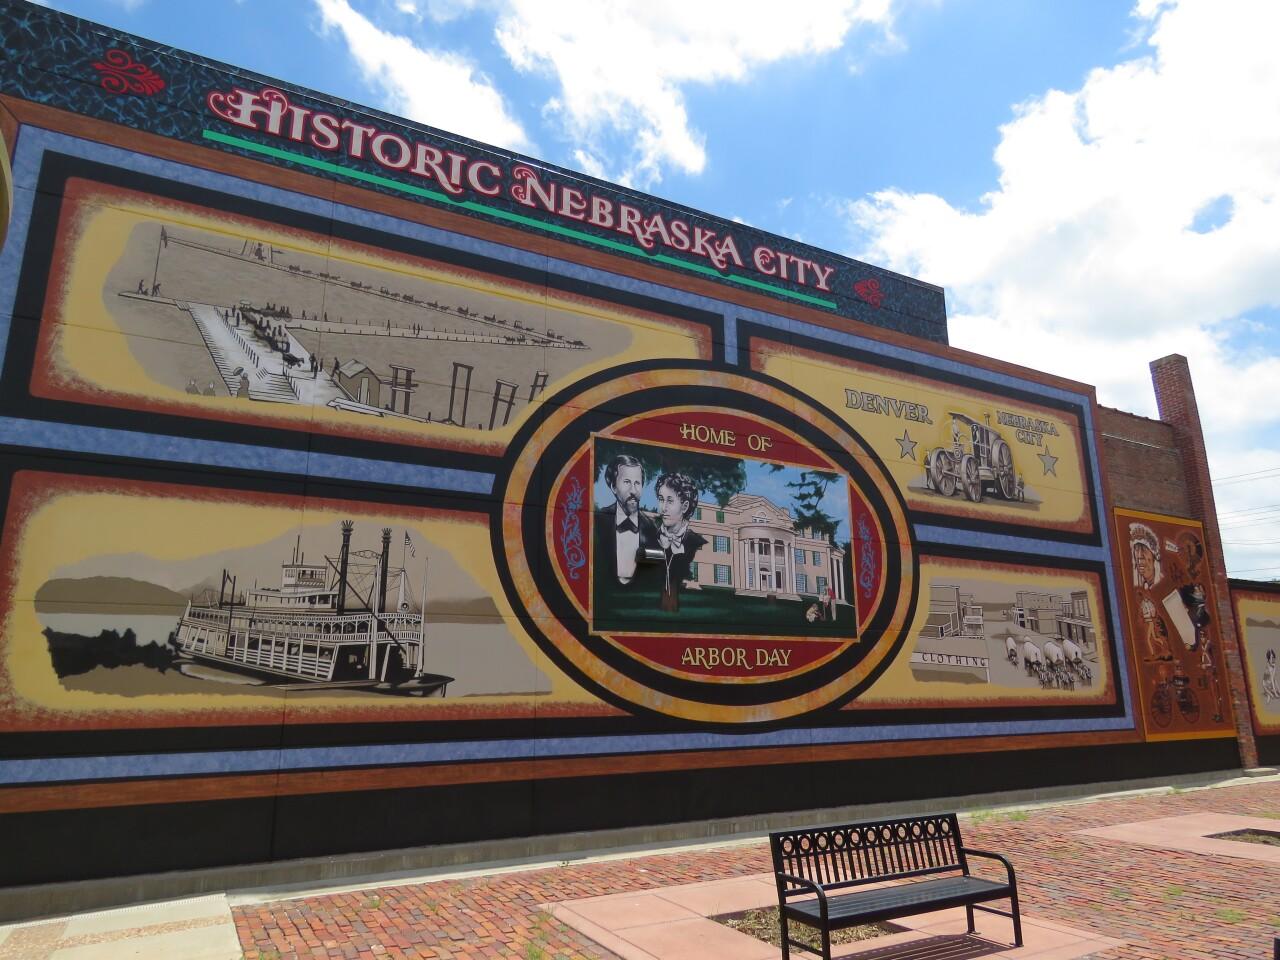 Historic mural in Nebraska City